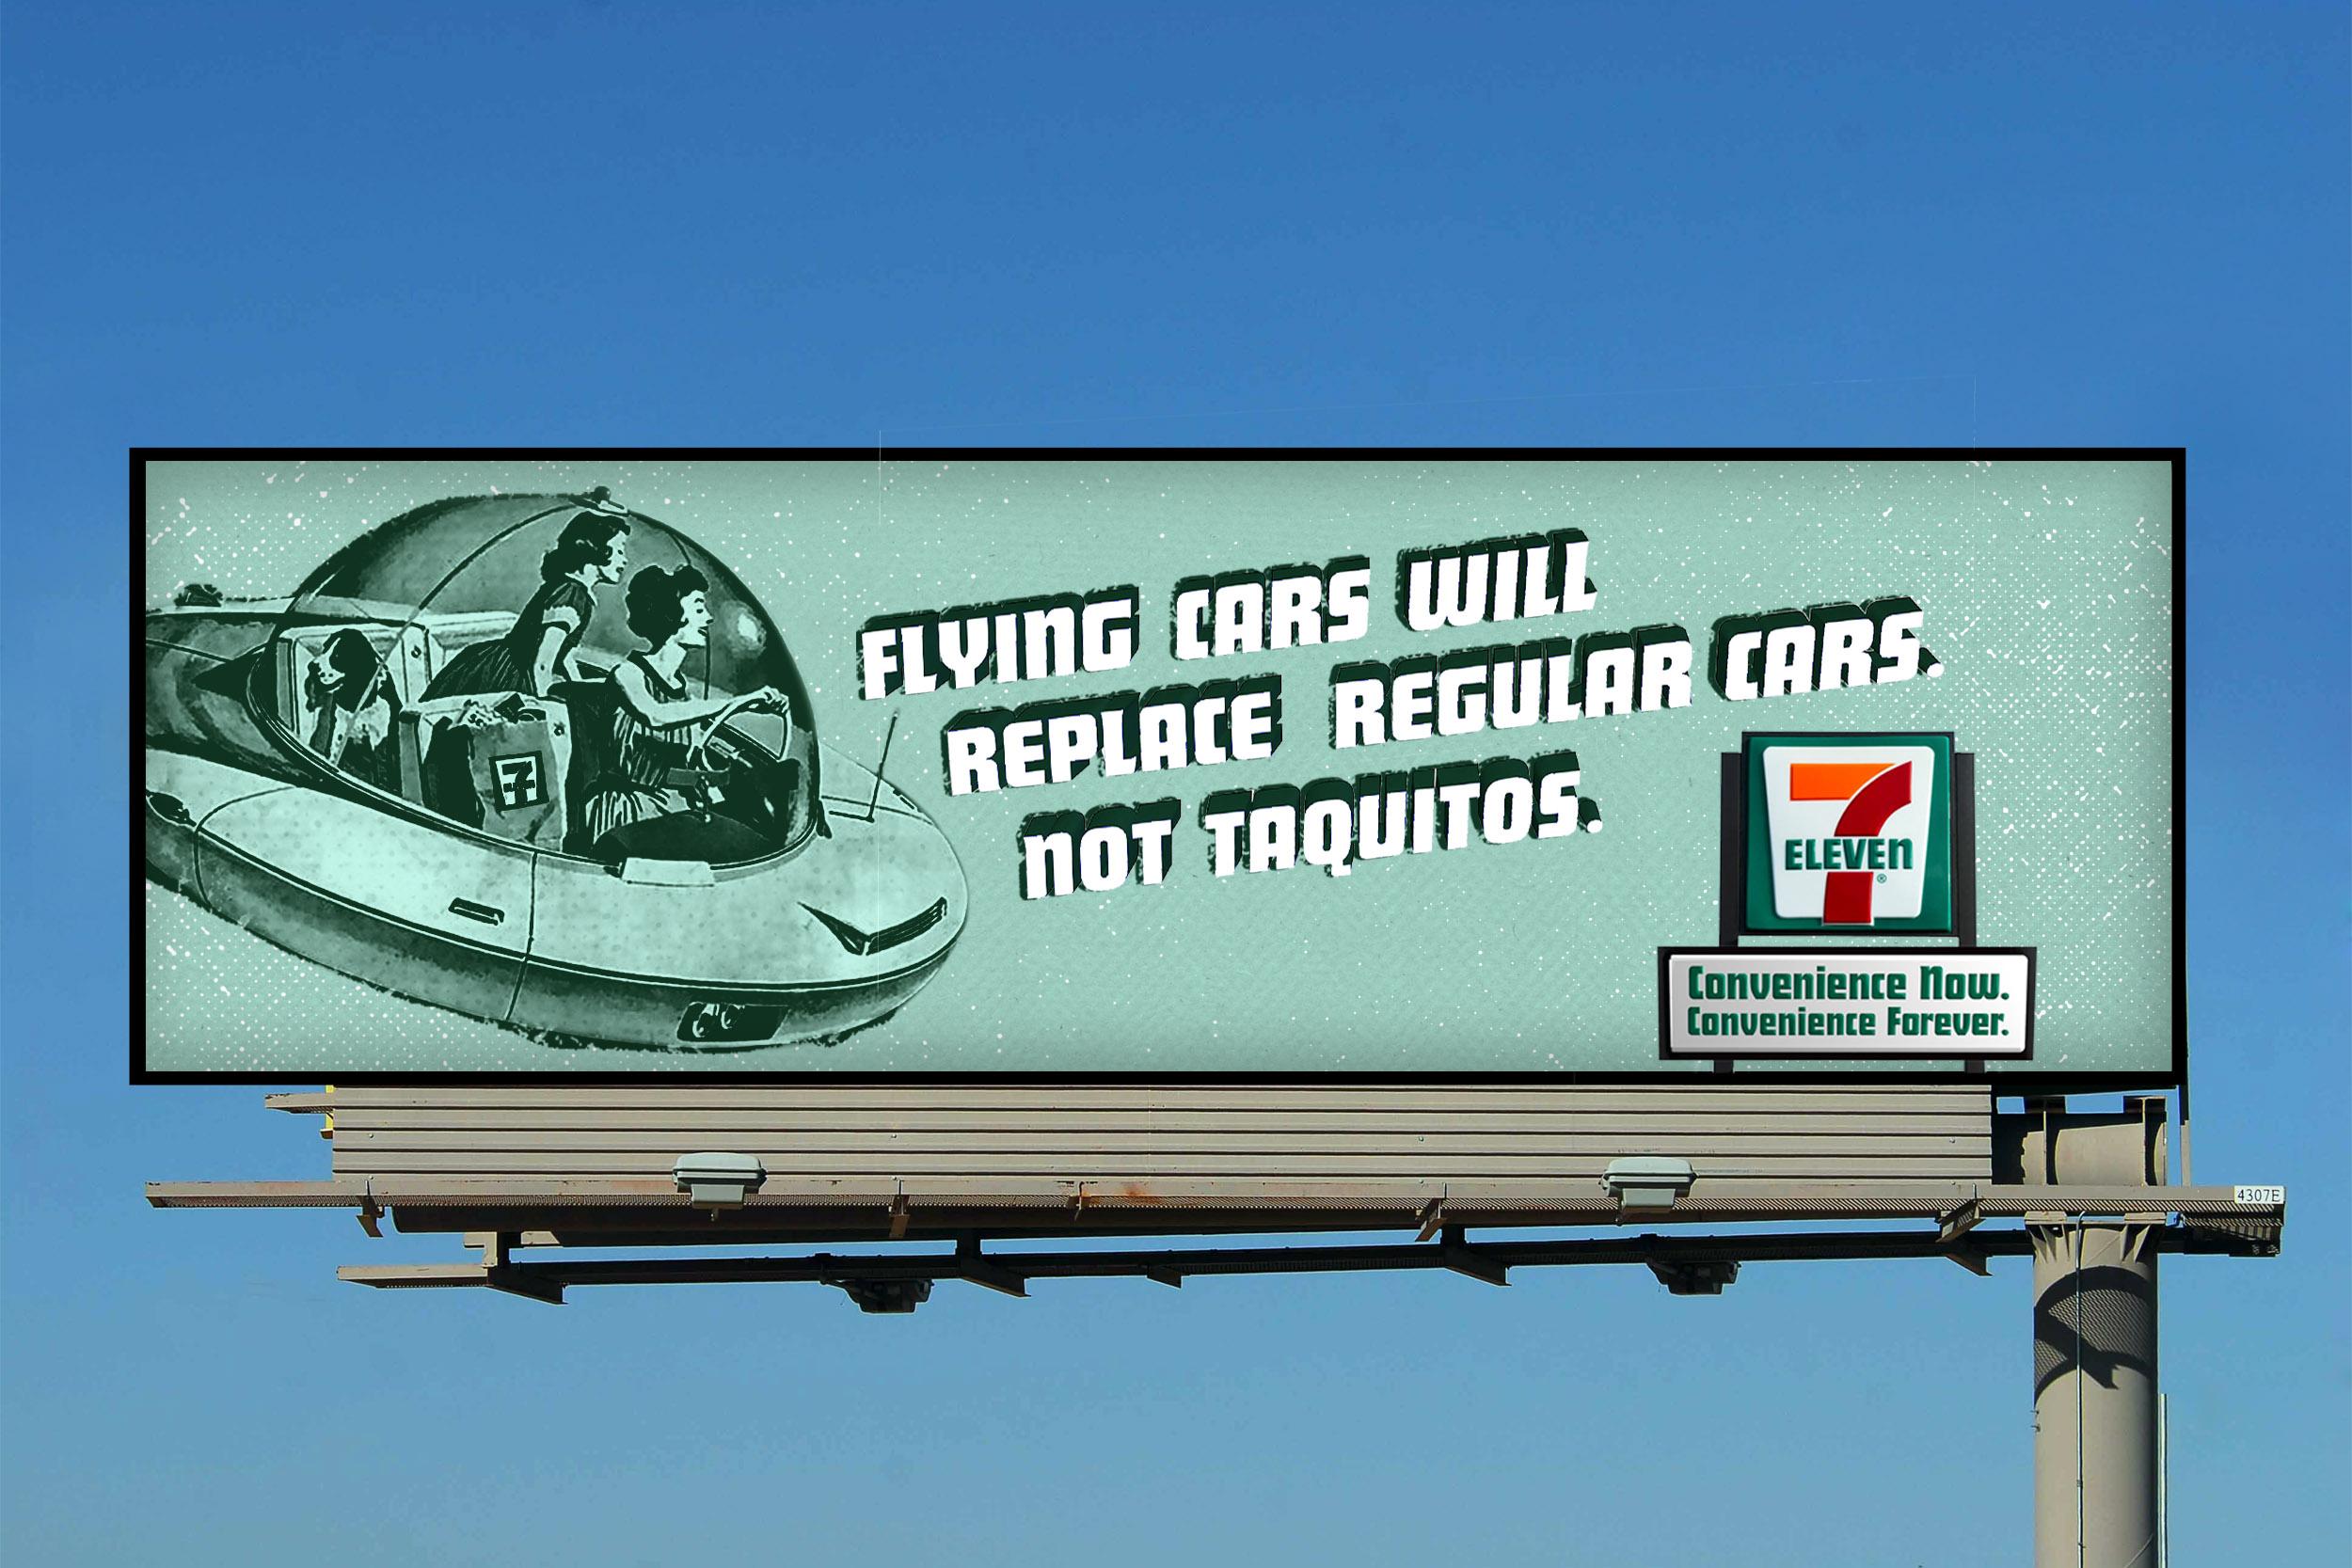 ooh_billboard_(7-11).jpg